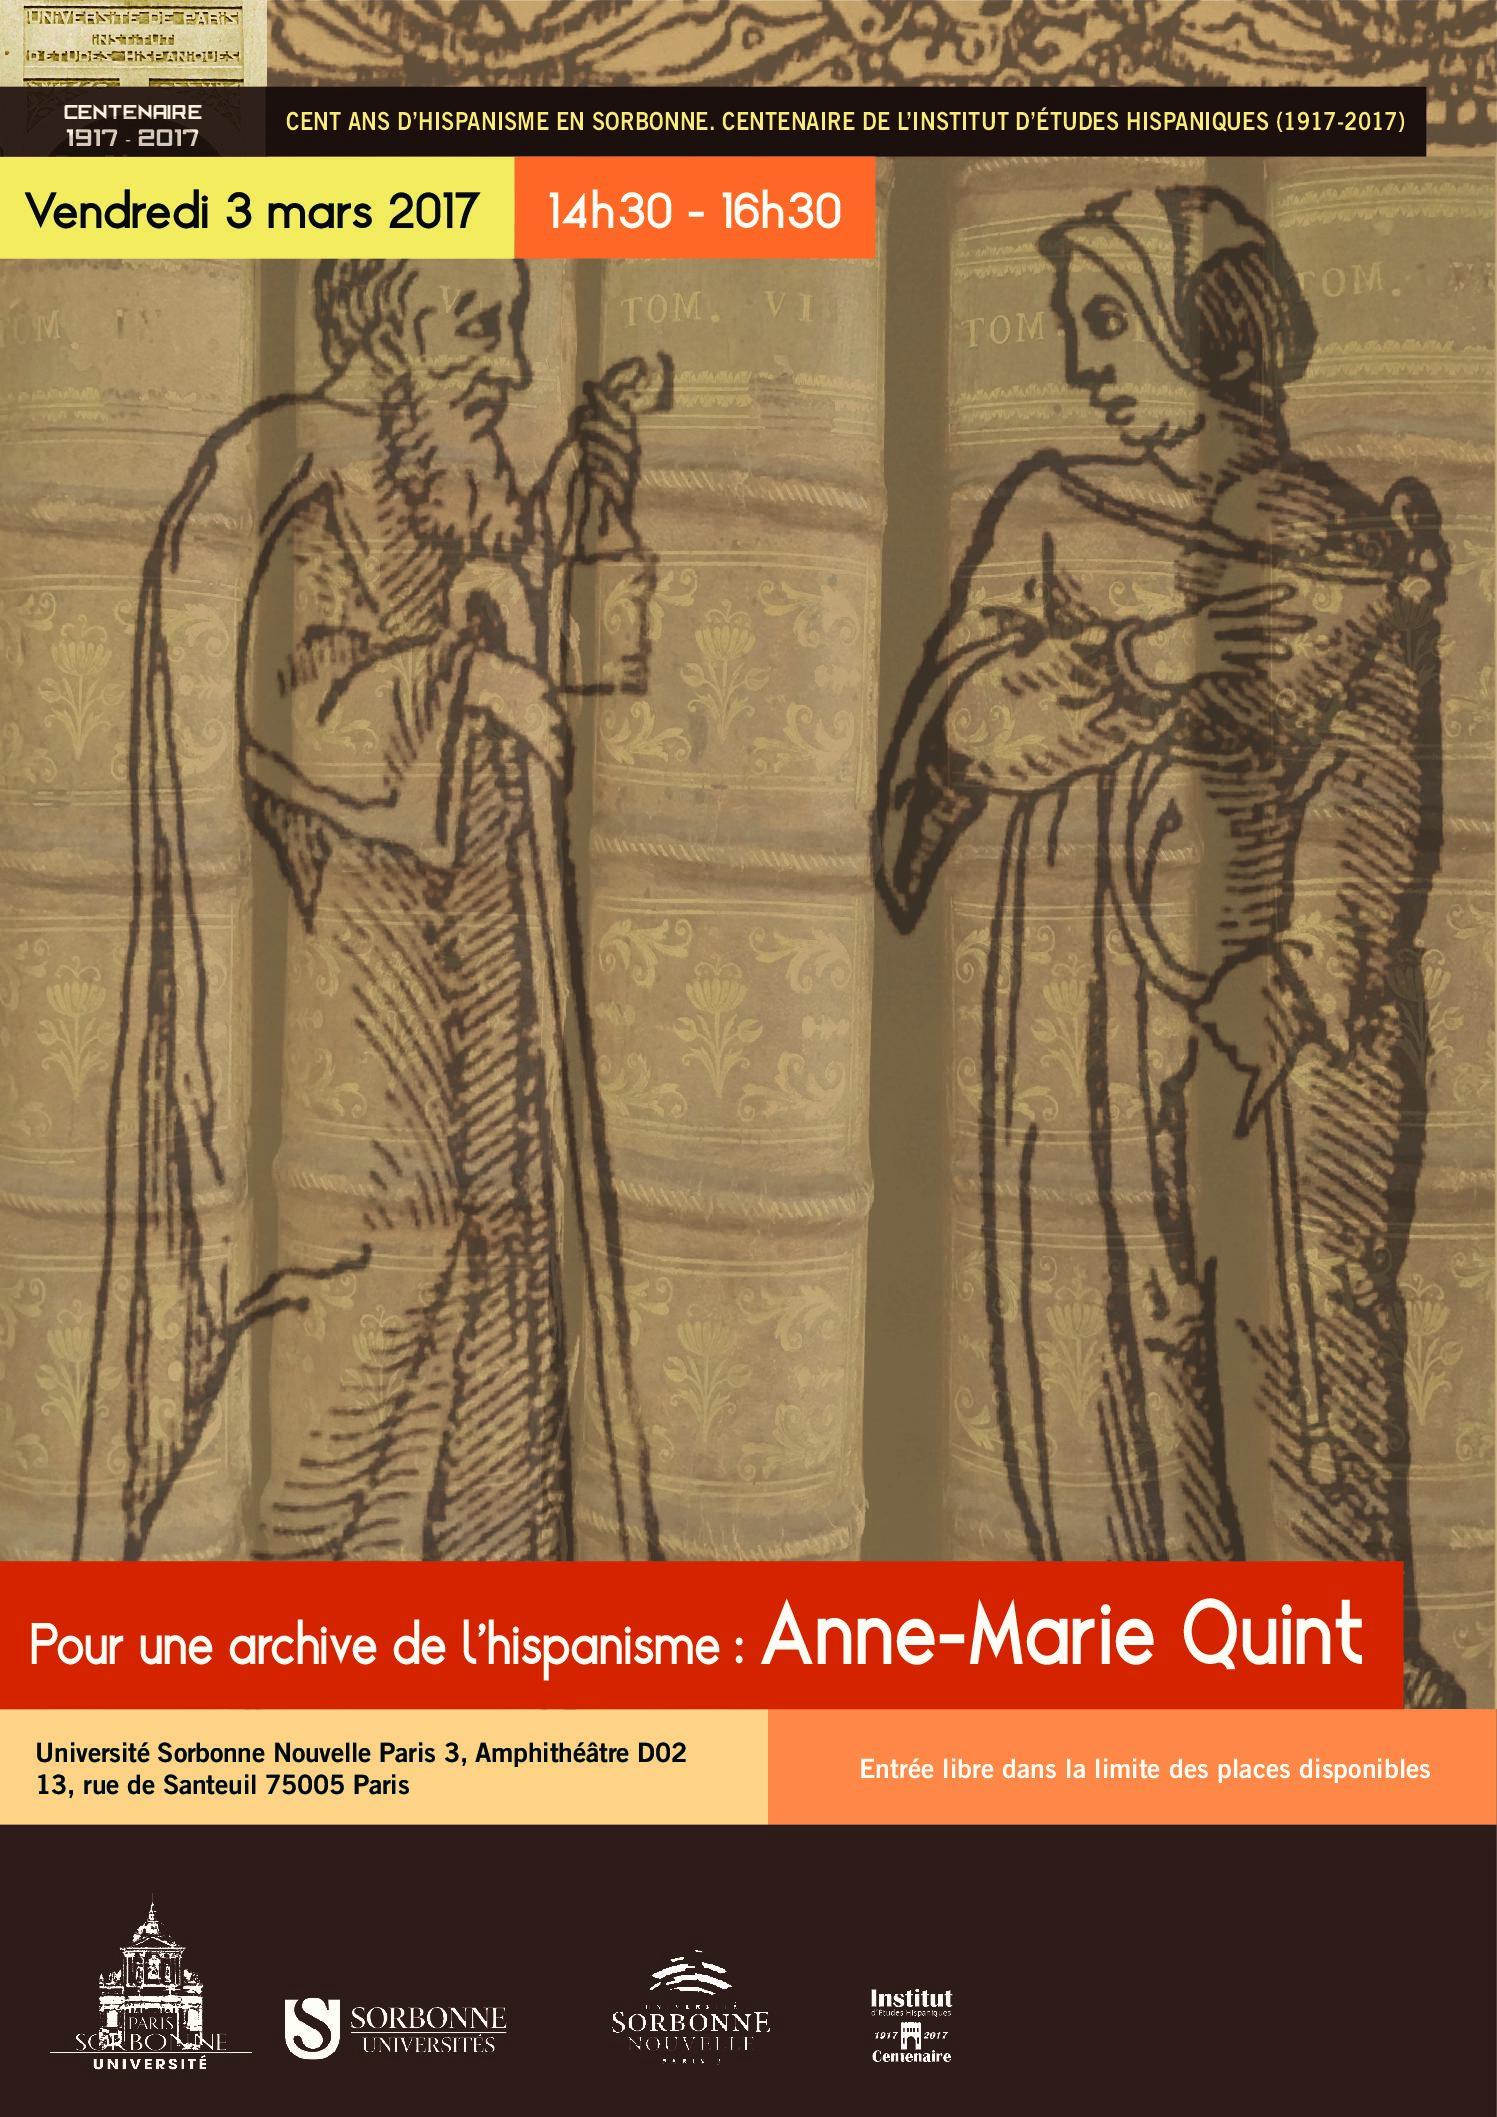 Pour une archive de l'hispanisme (3) : Anne-Marie Quint